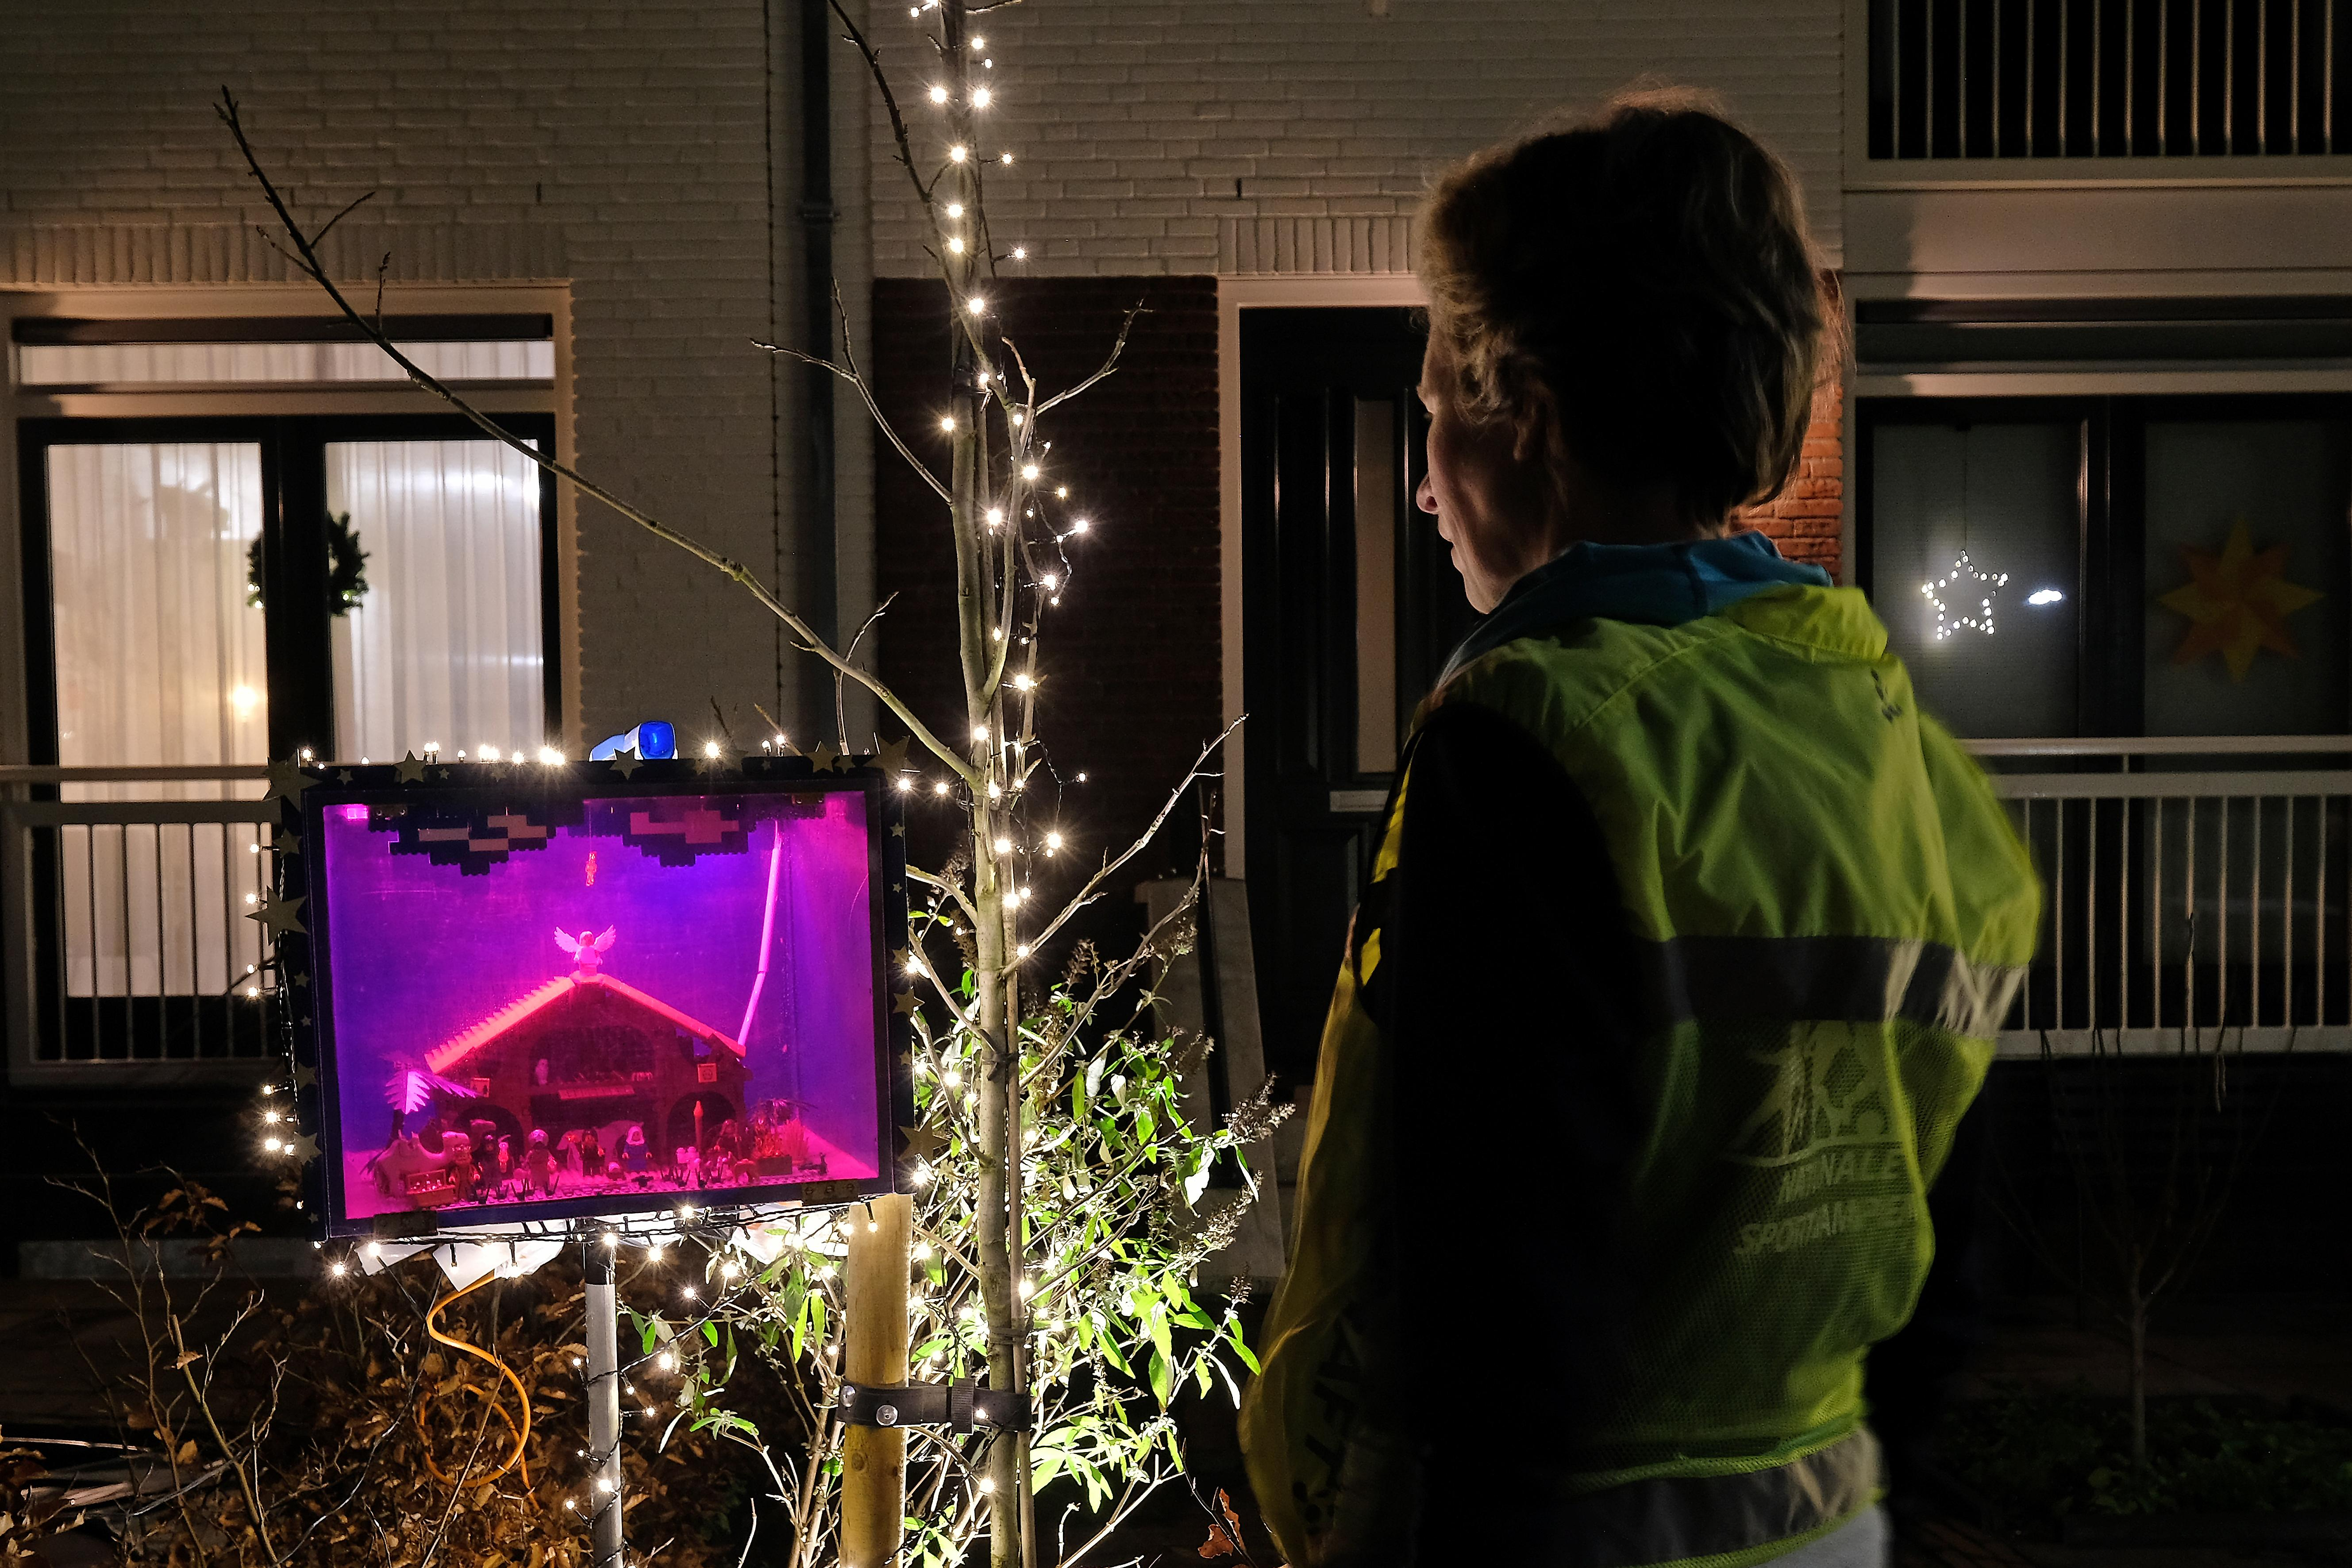 Baarnse Kerststallenroute gaat weer van start, met opnieuw meer stallen dan vorig jaar, 263 maar liefst! Oproep: kom niet allemaal met kerst